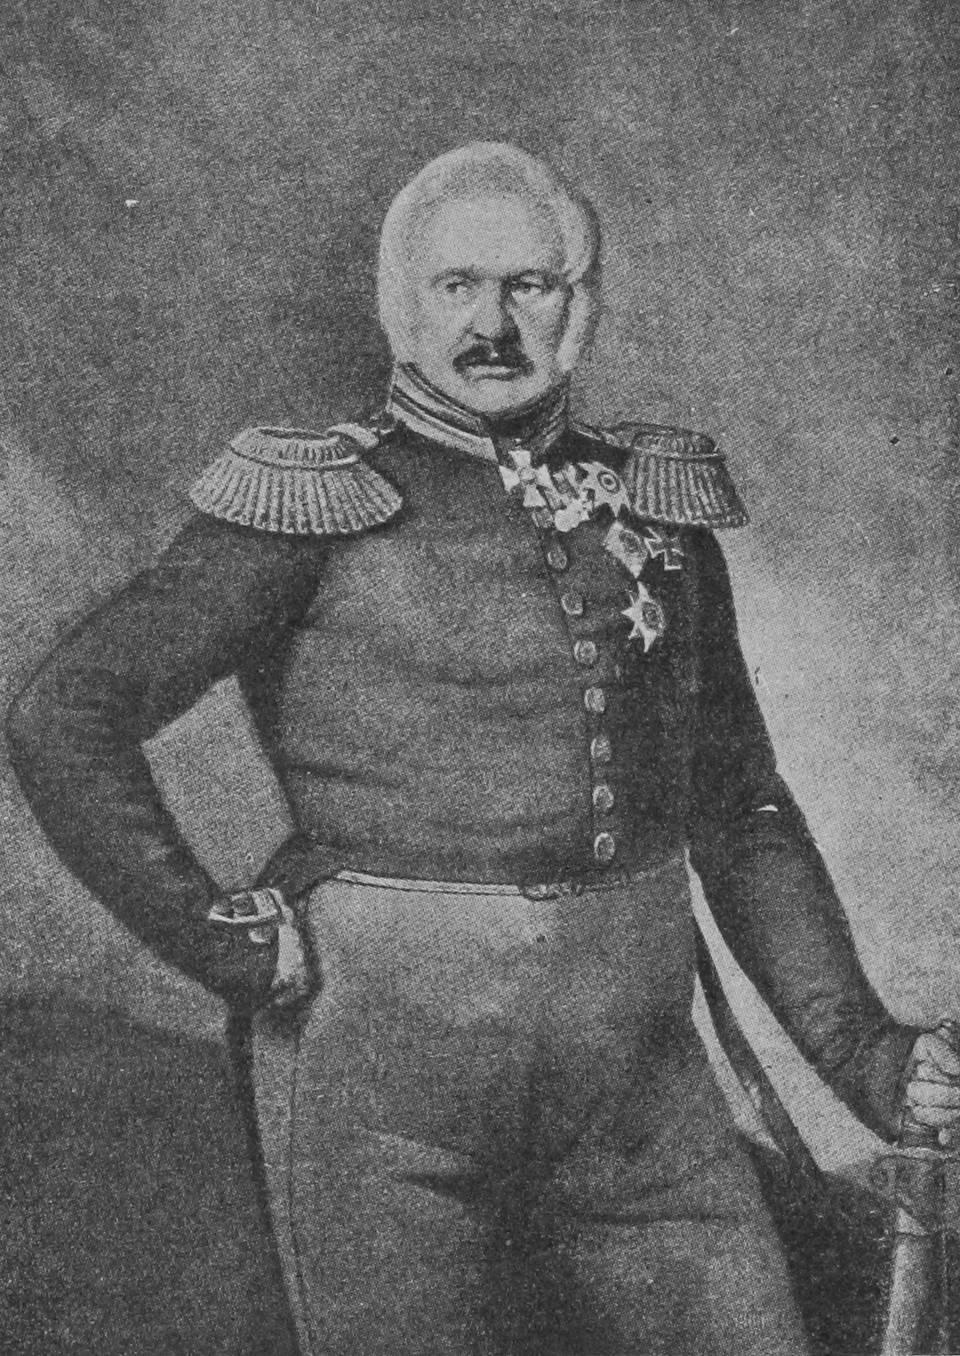 генерал ермолов фото расположенный центральной